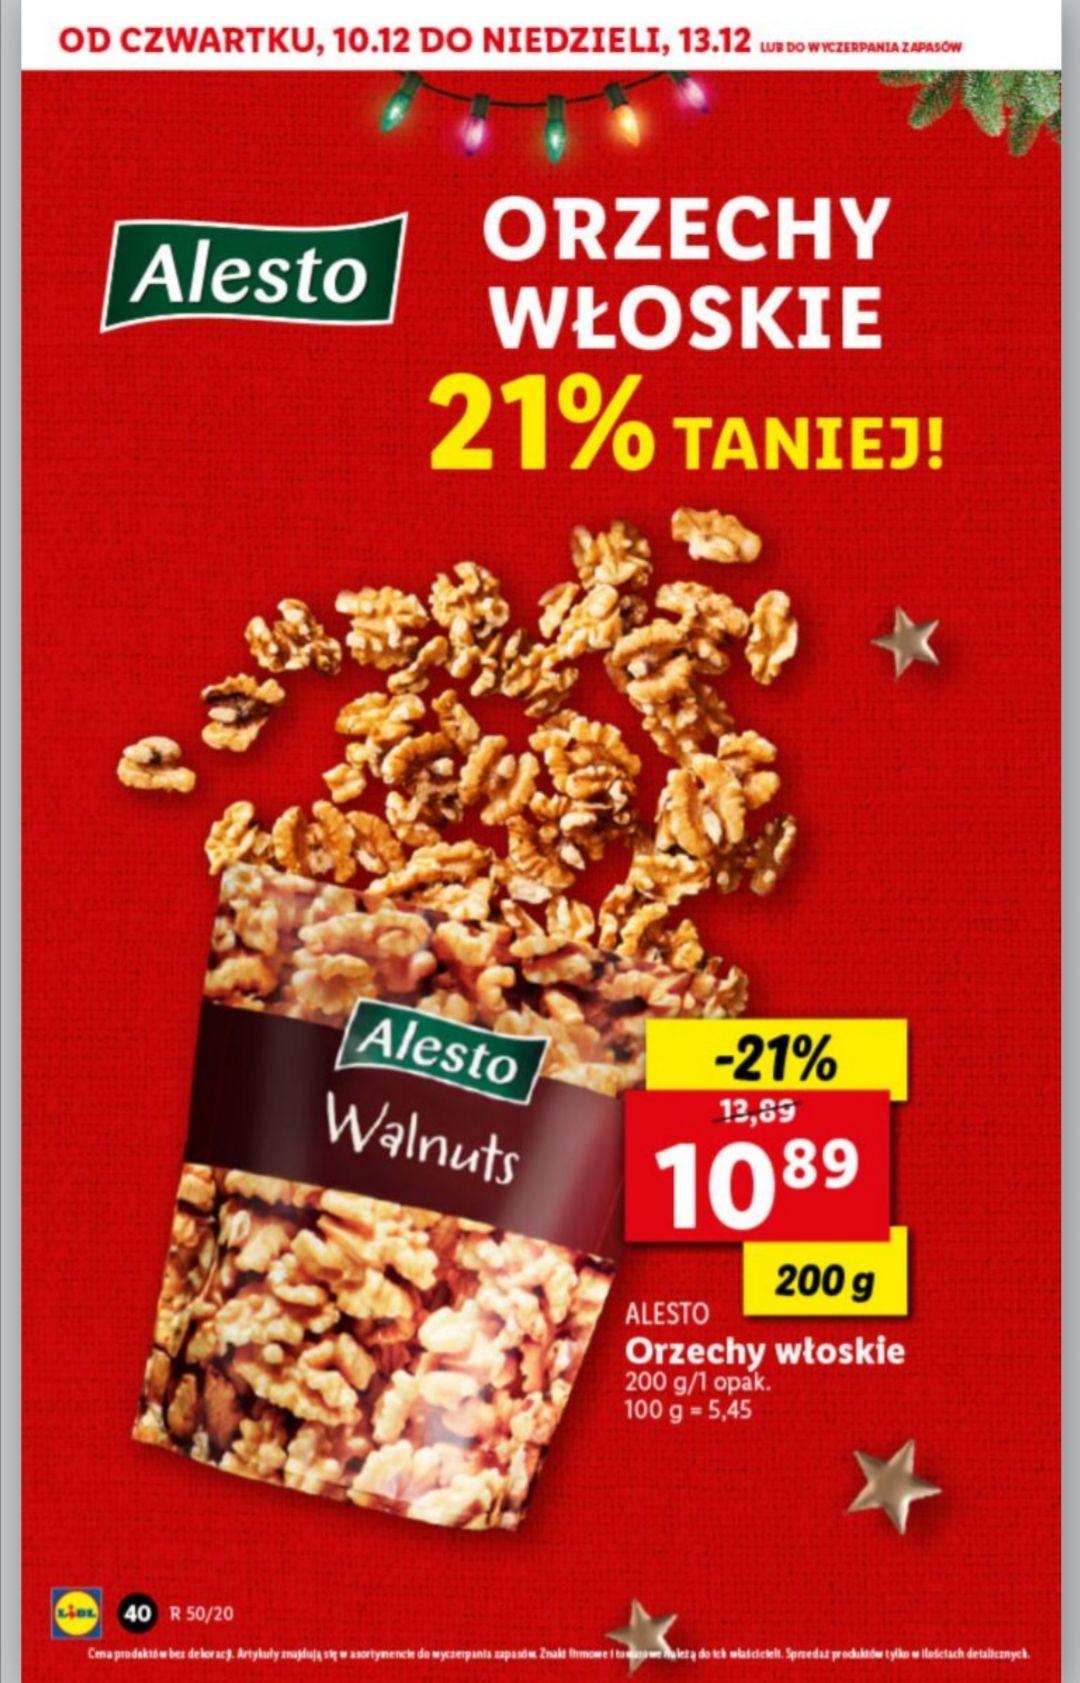 Orzechy włoskie ALESTO - Lidl - 21%